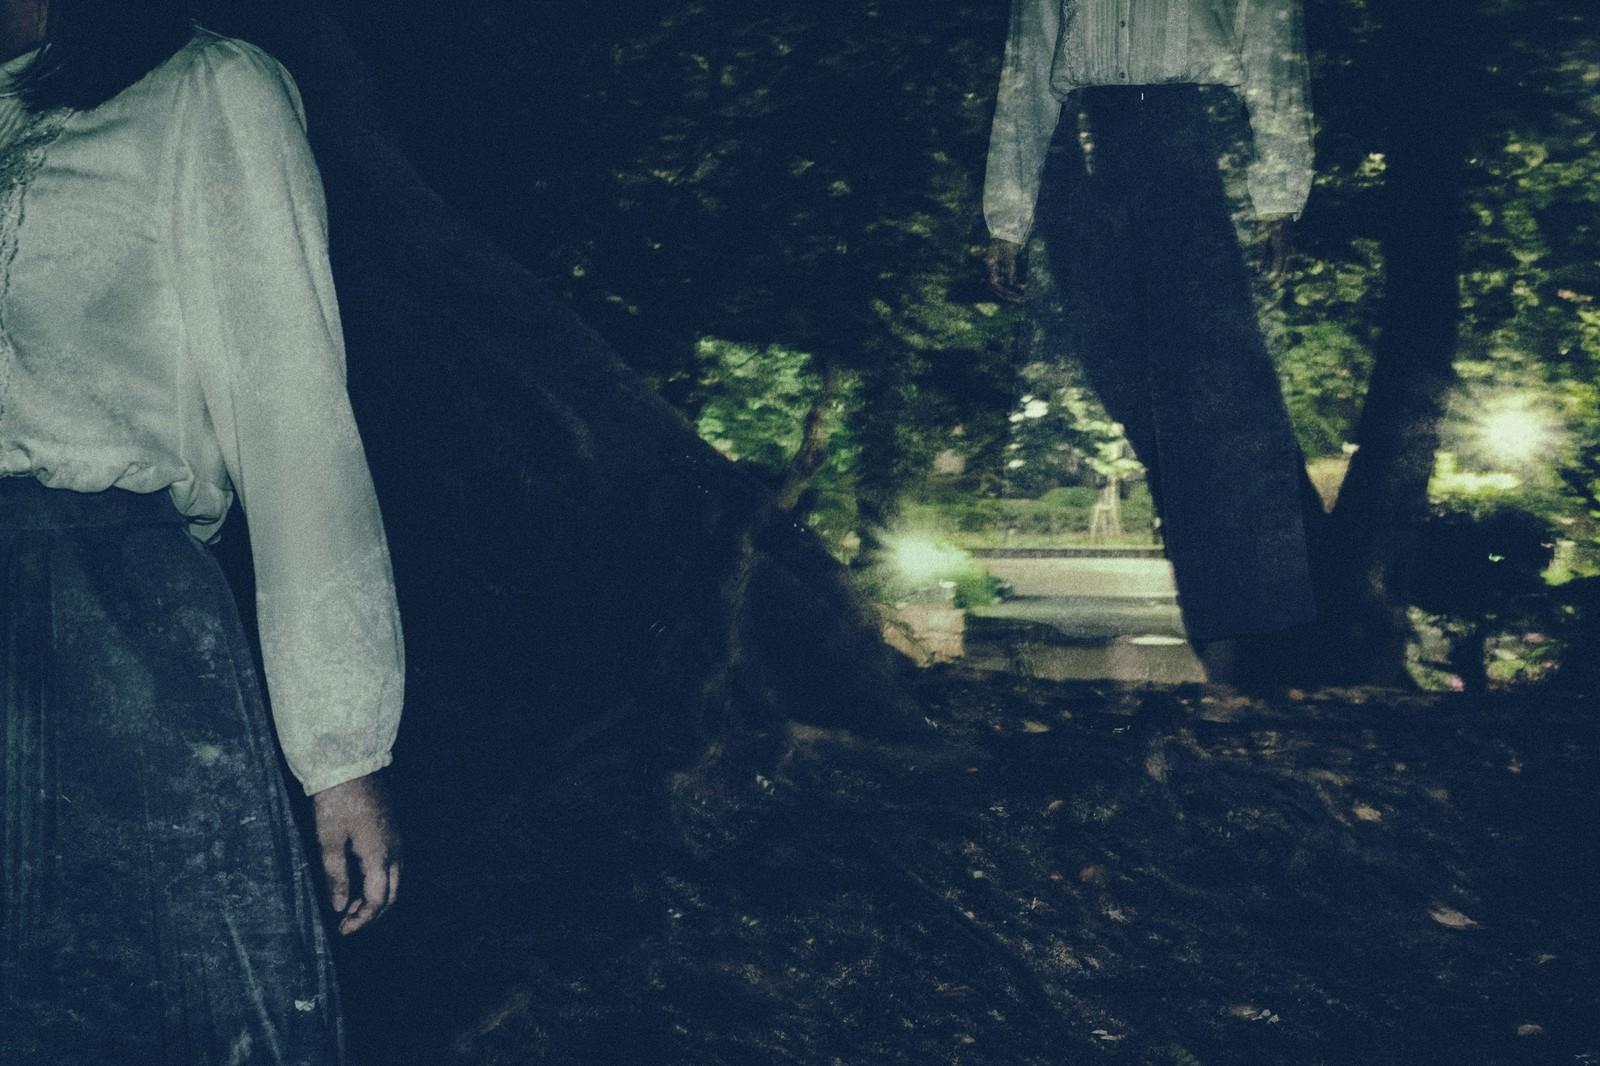 暗い森の中をさまよい続ける女性|ぱくたそフリー写真素材